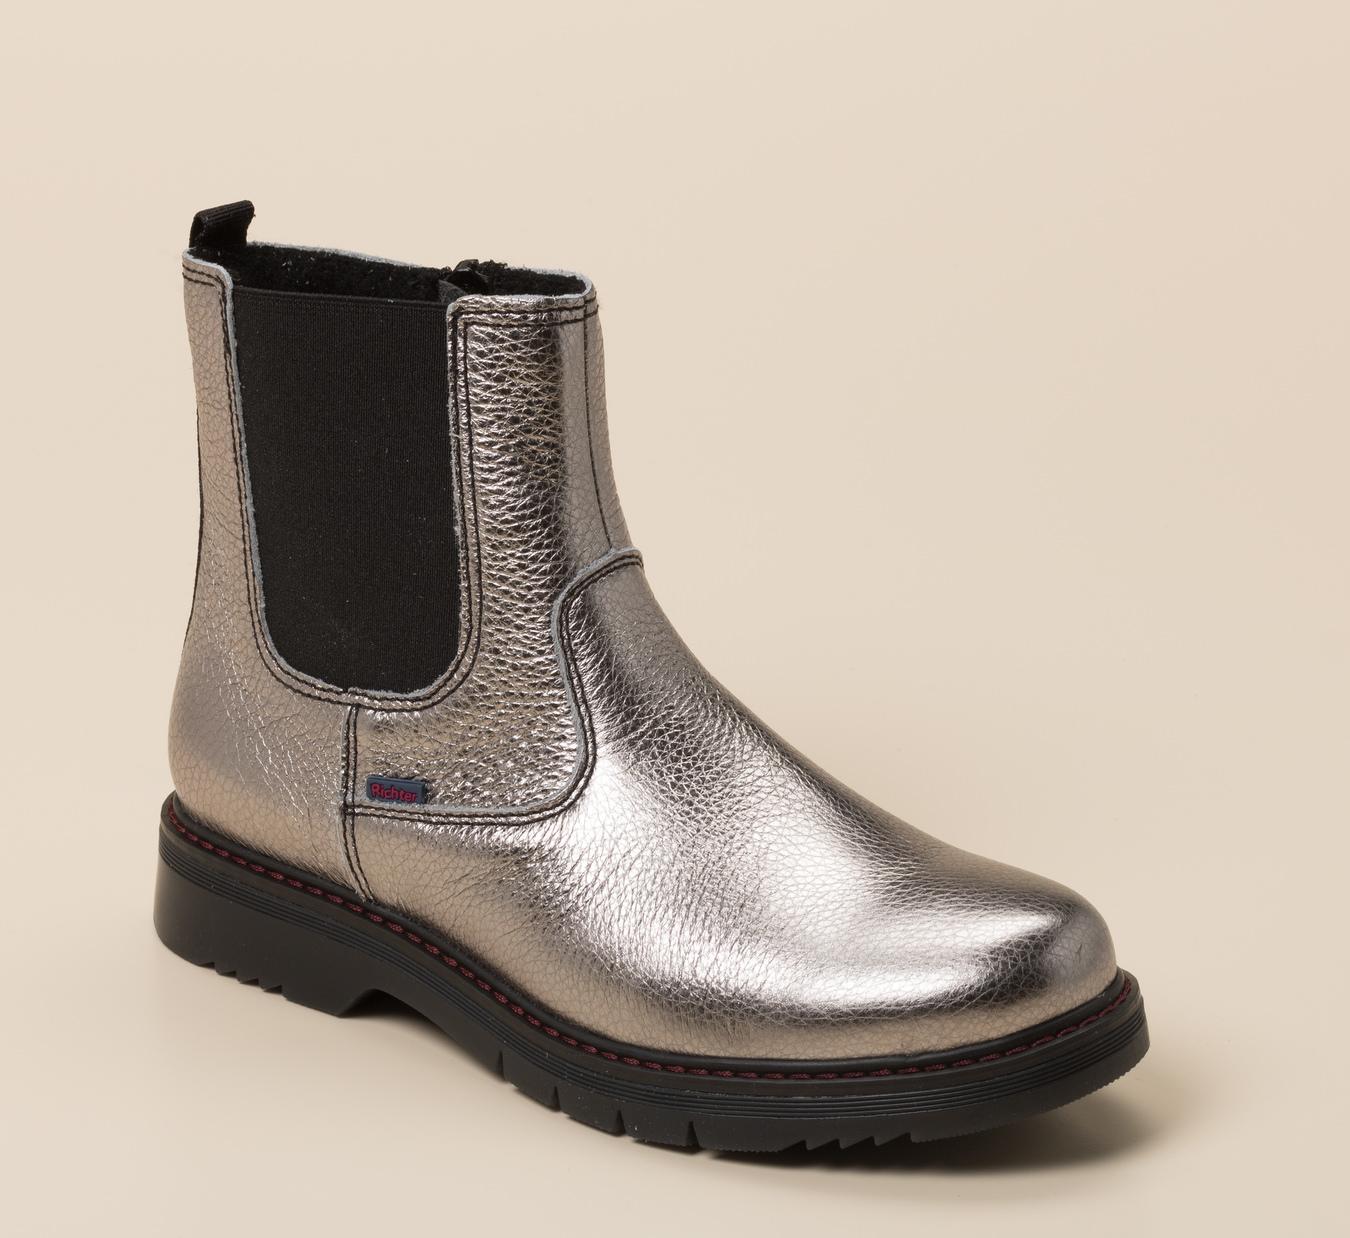 Stiefel und Stiefeletten in Silber für Damen günstig kaufen